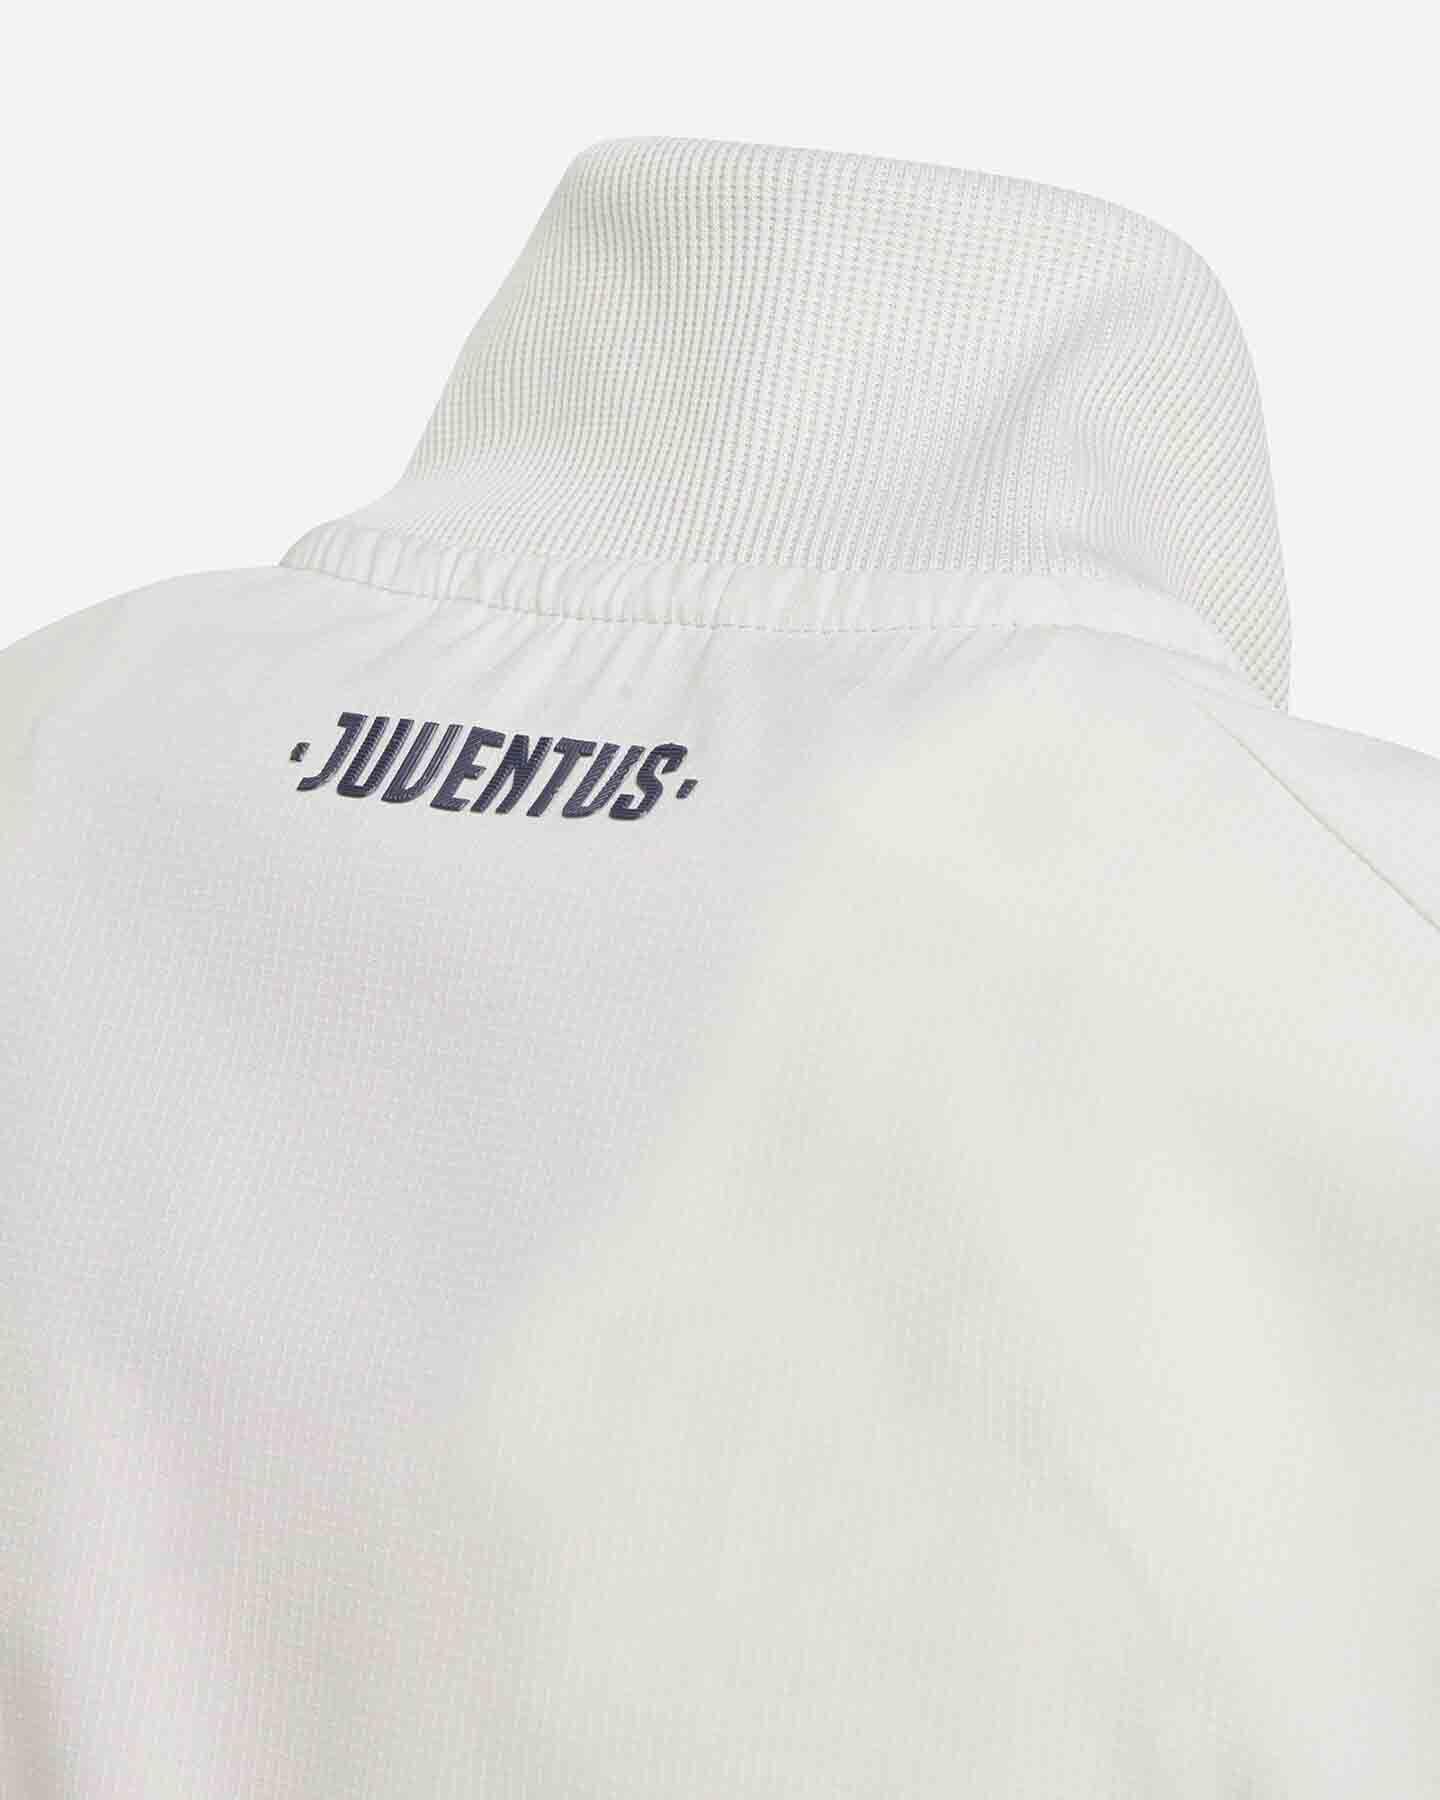 Abbigliamento calcio ADIDAS JUVENTUS PRESENTATION 20/21 JR S5217515 scatto 4